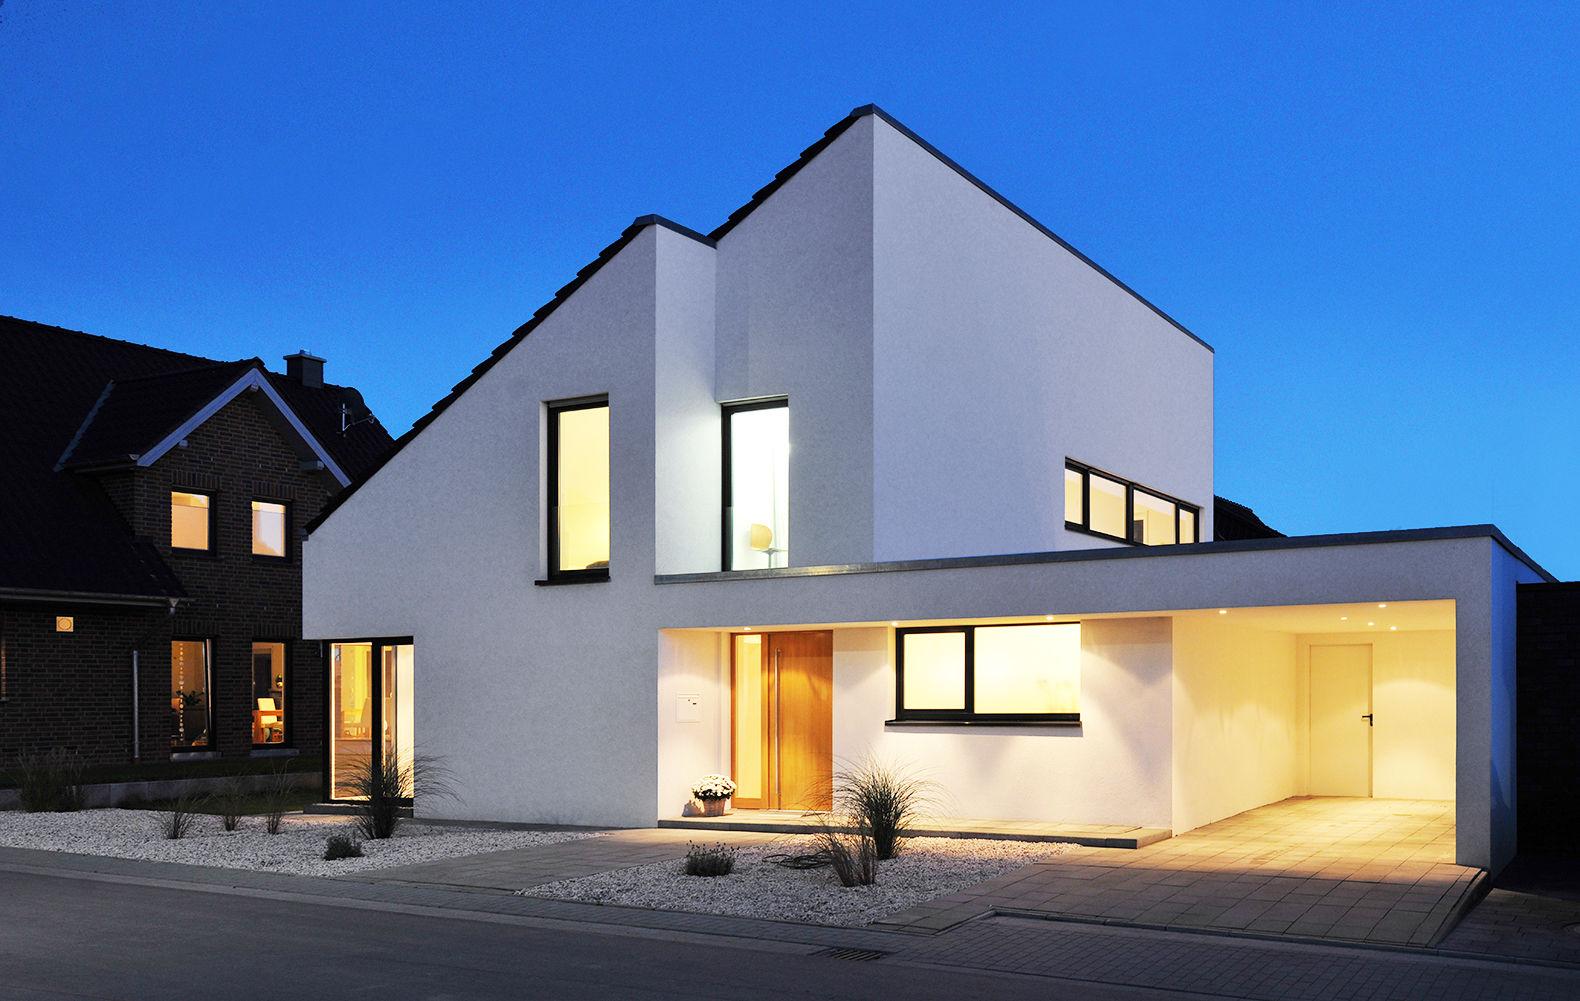 Eitelkeit Hauseingang überdacht Foto Von Licht Am